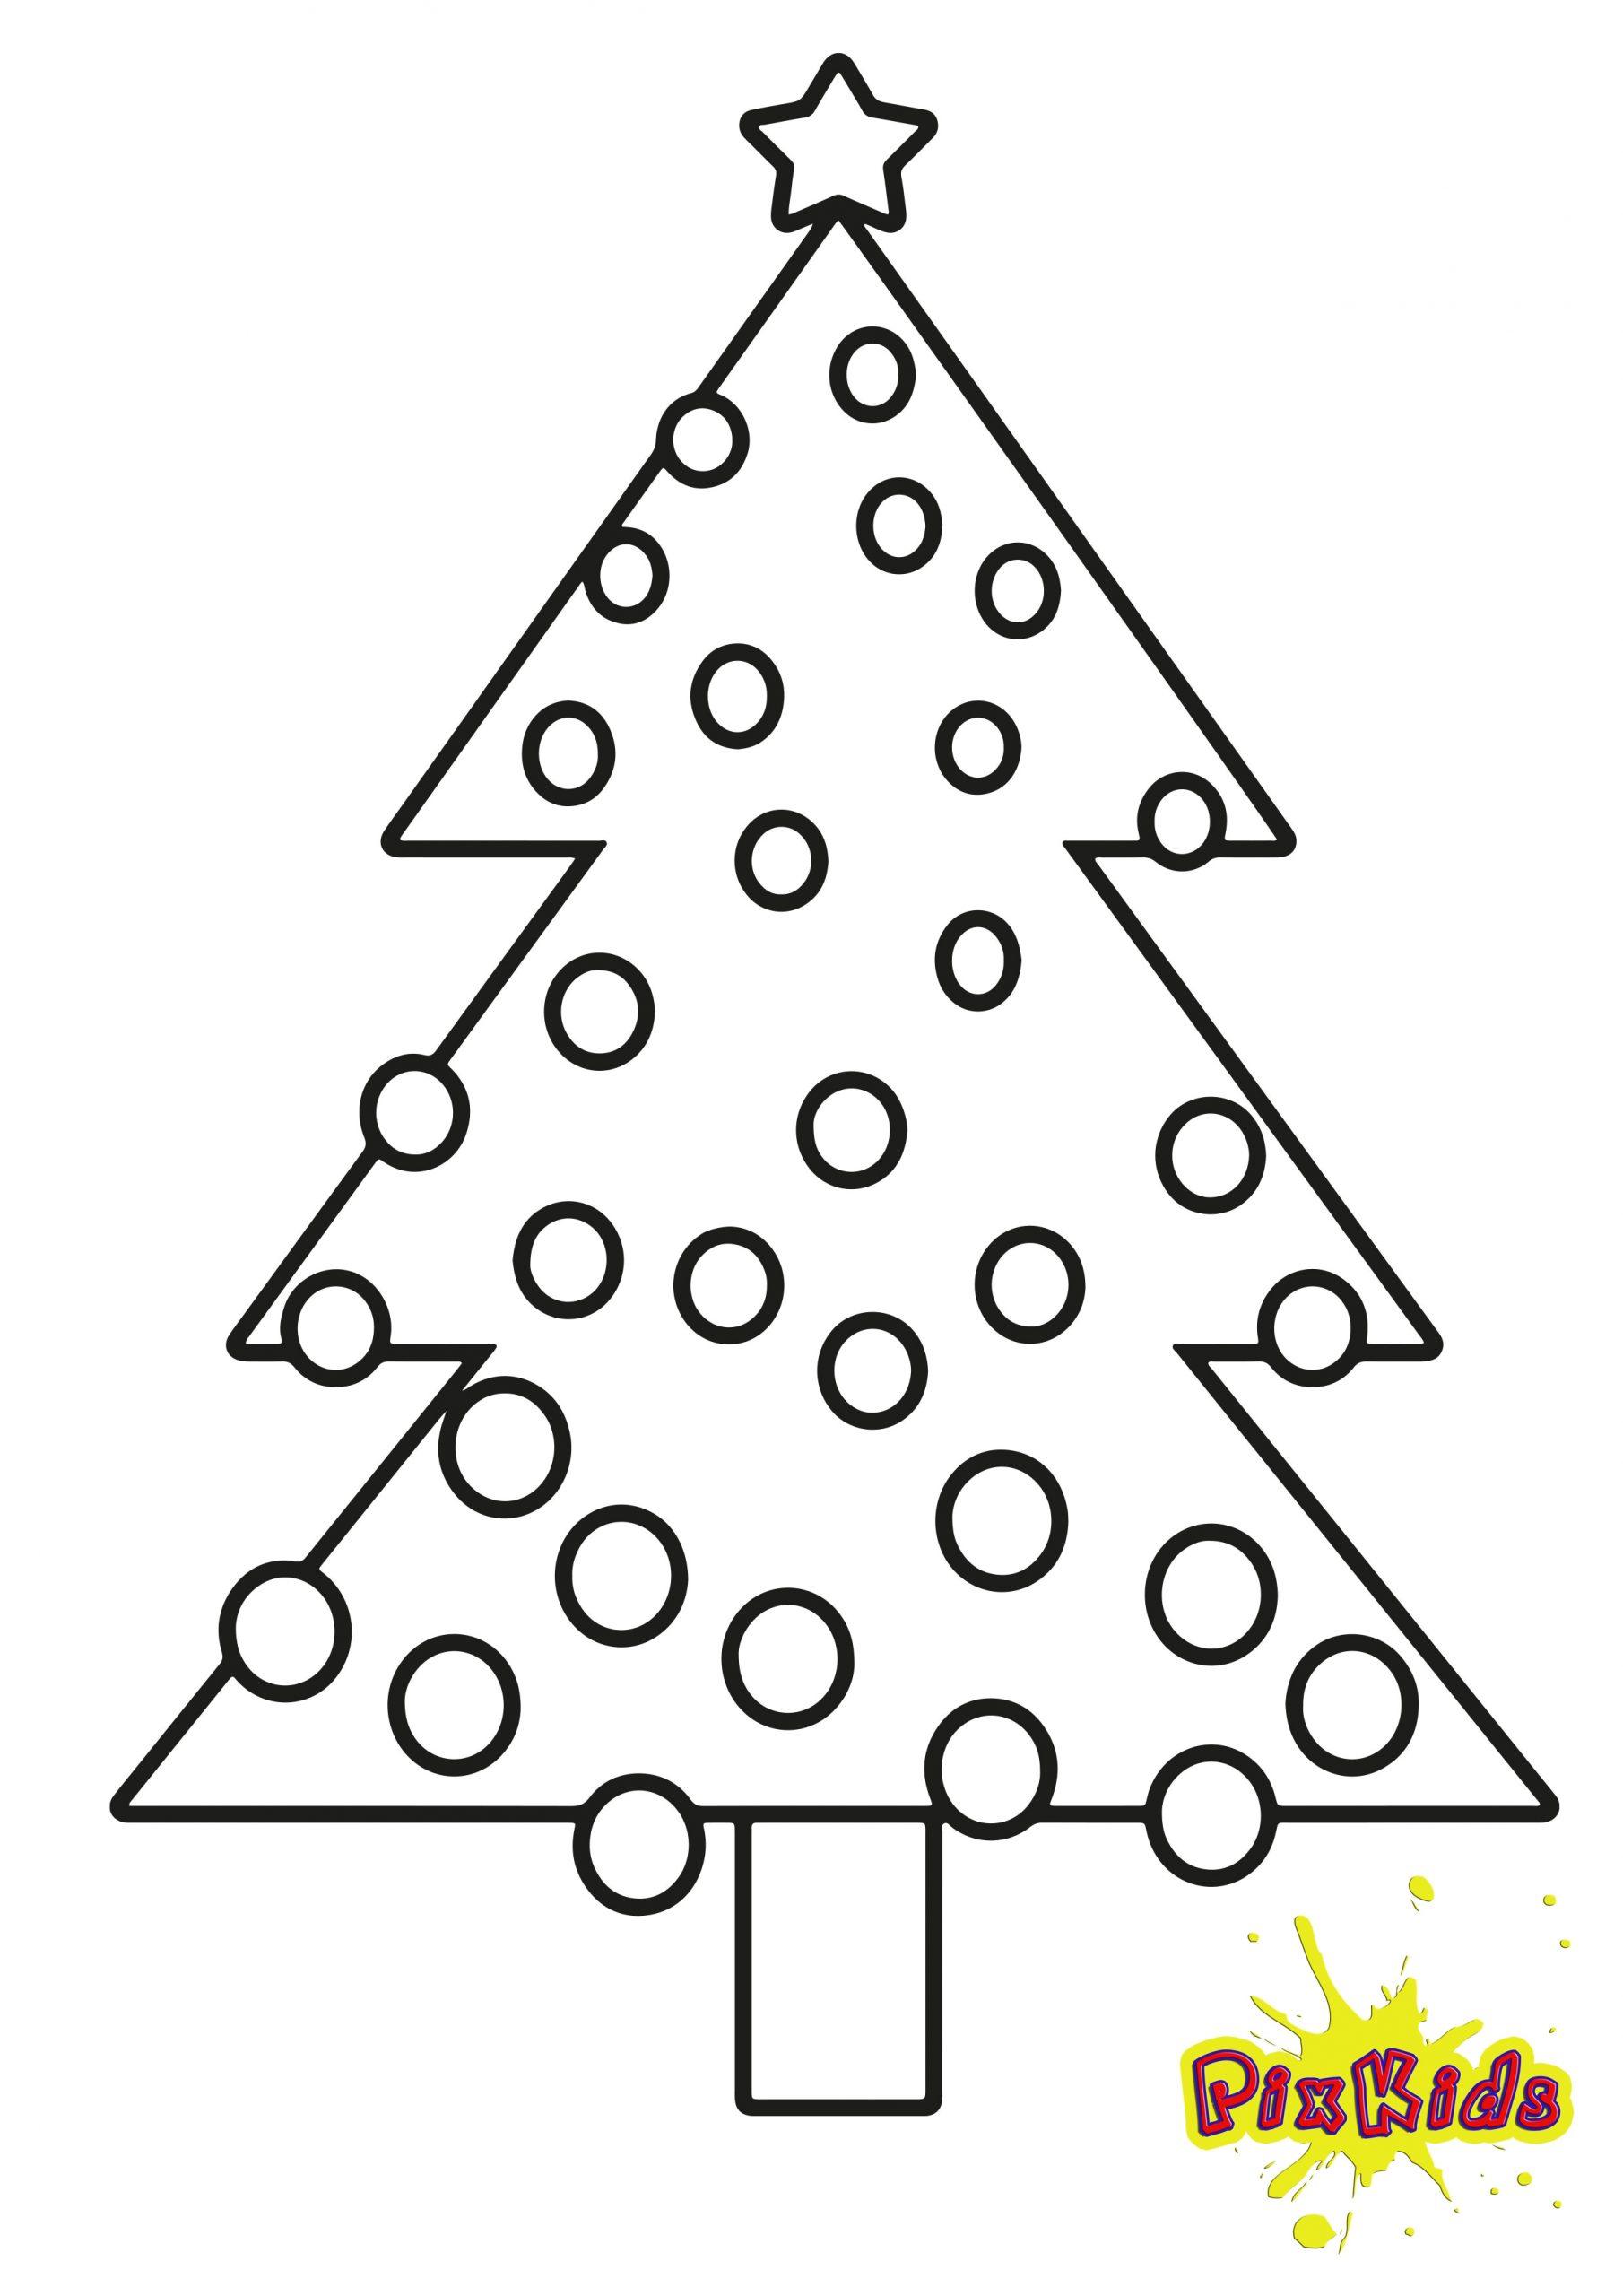 Ausmalbild Tannenbaum Weihnachtsbaum - Kostenlose Malvorlagen bei Malvorlage Weihnachtsbaum